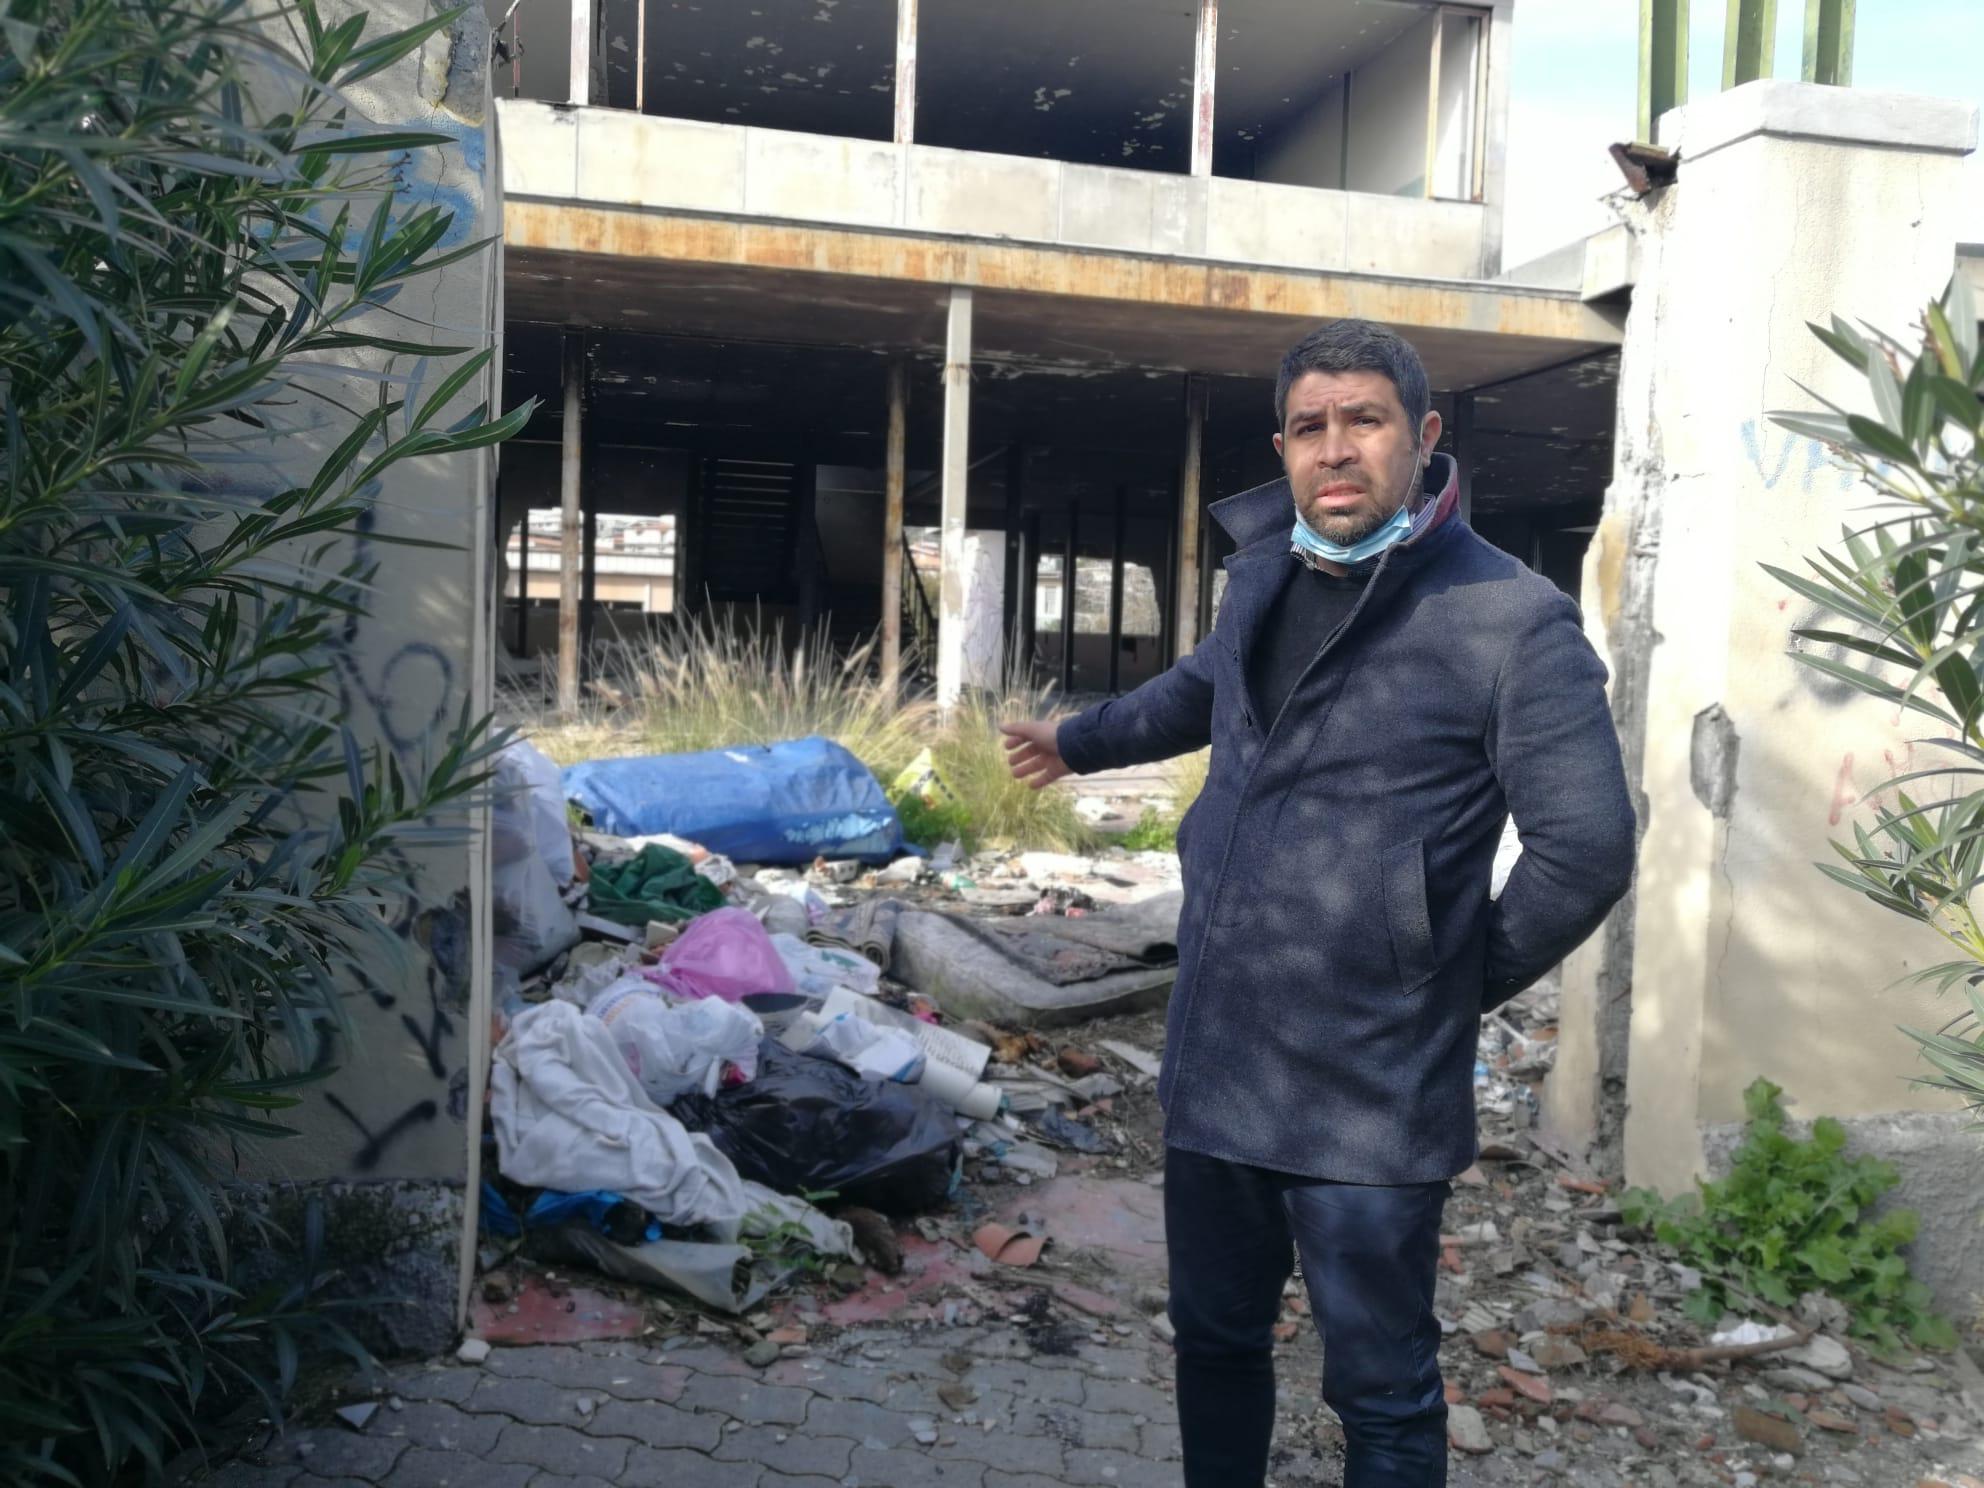 """Catania, ex scuola """"Capponi-Recupero"""": il consigliere Cardello chiede di mettere in sicurezza l'intera area"""